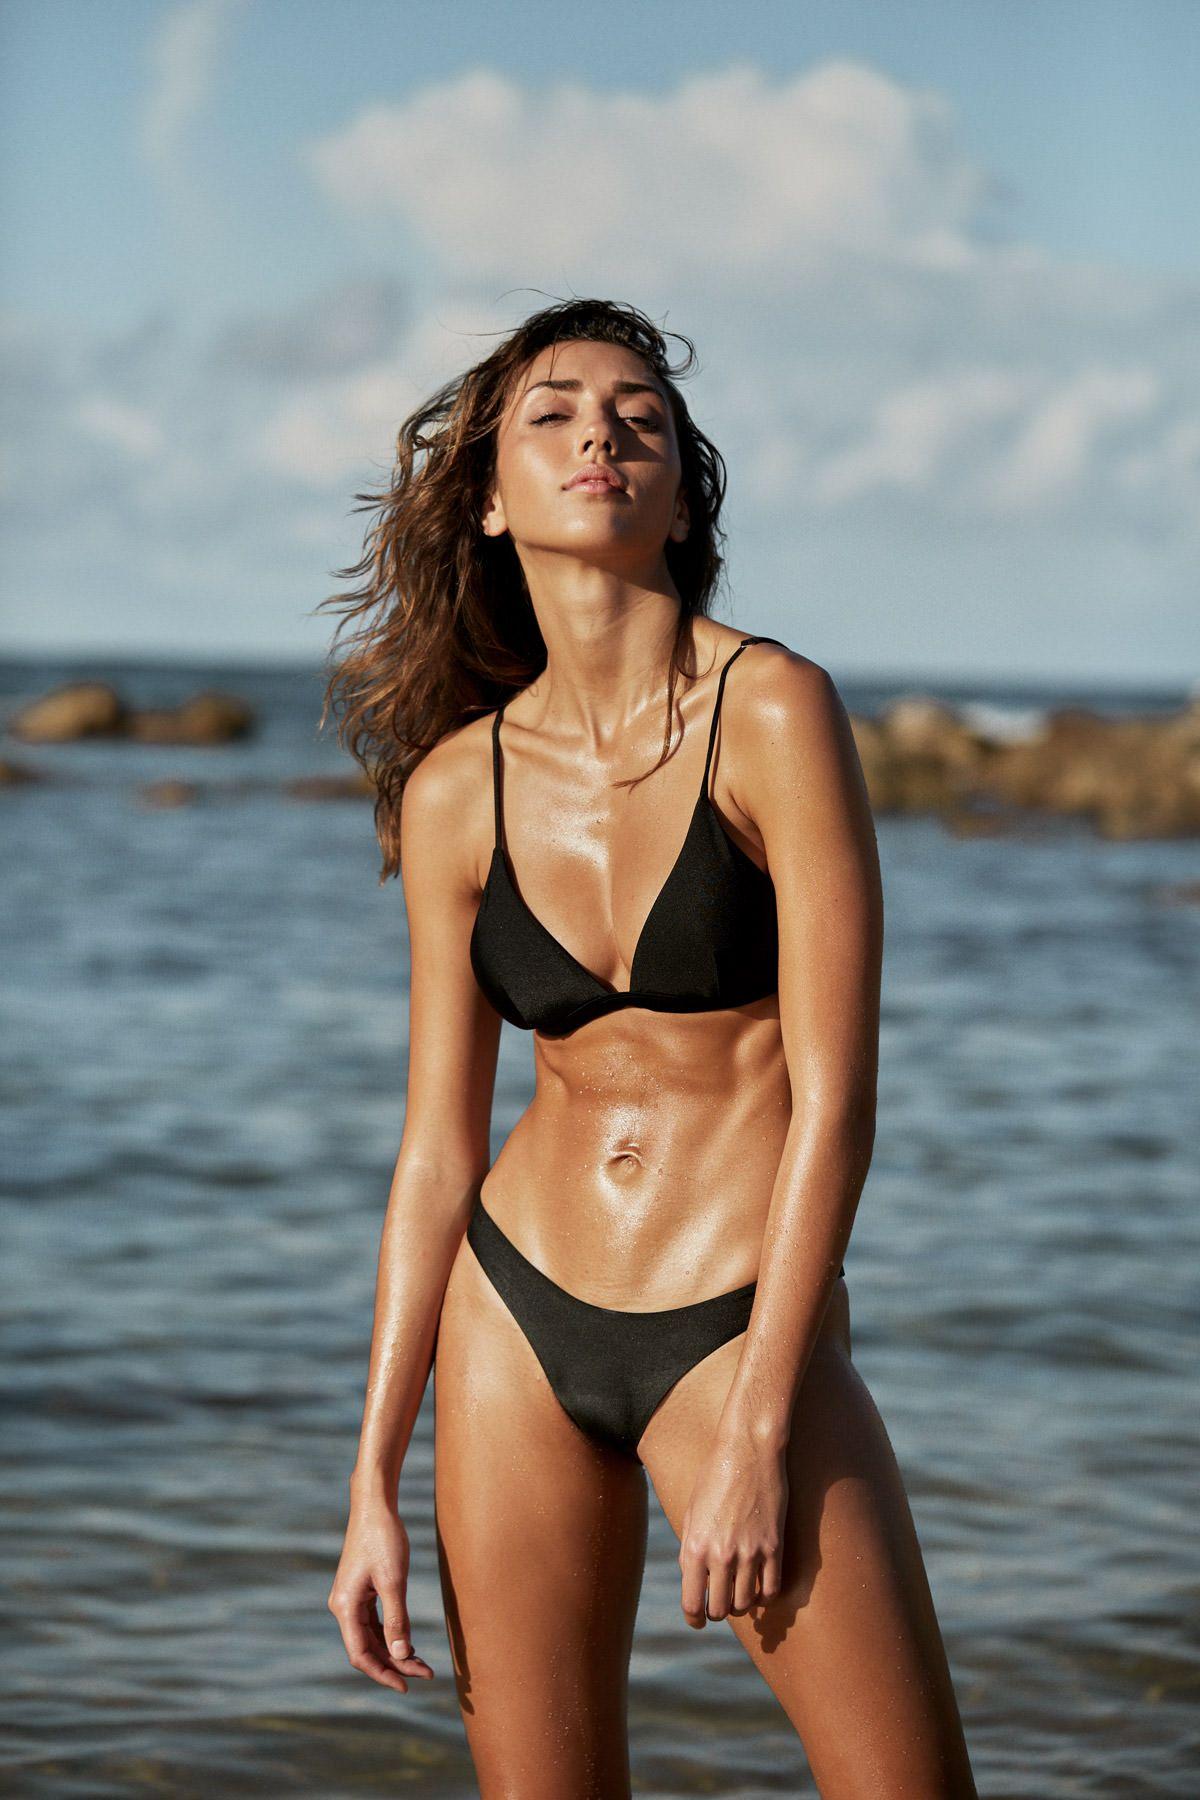 f44c9c48126 I AM ZAZIE Swimwear, I Am Zazie bikini, beachwear, resort 2018, classic